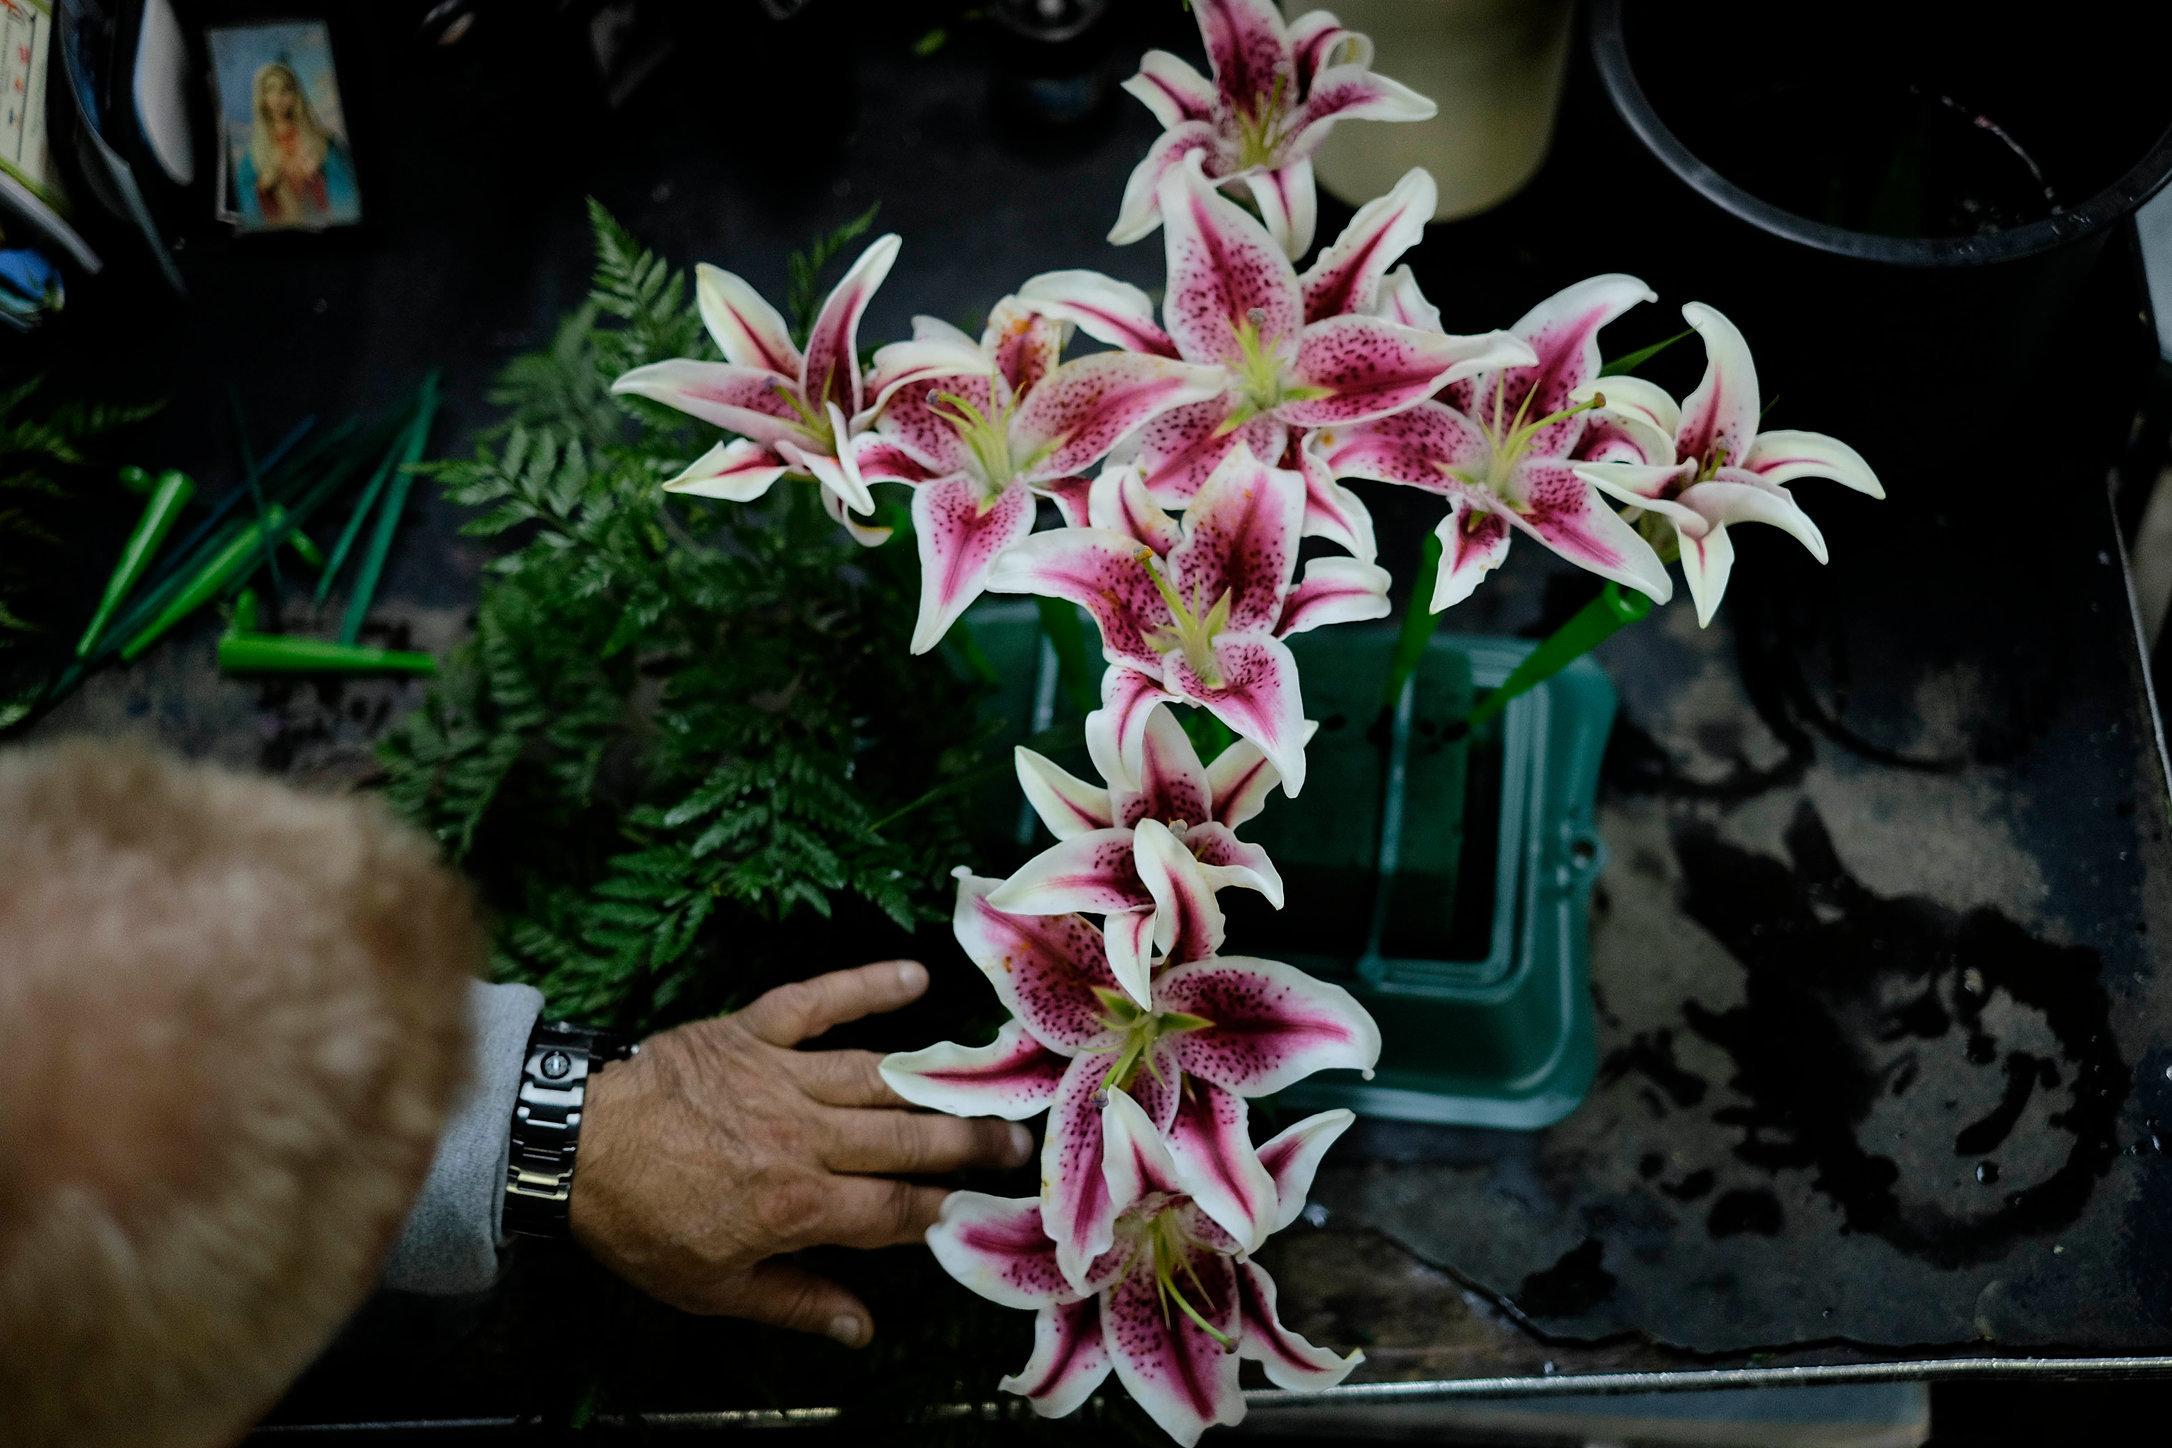 141108_MBElian_flowermen_018_sm.jpg